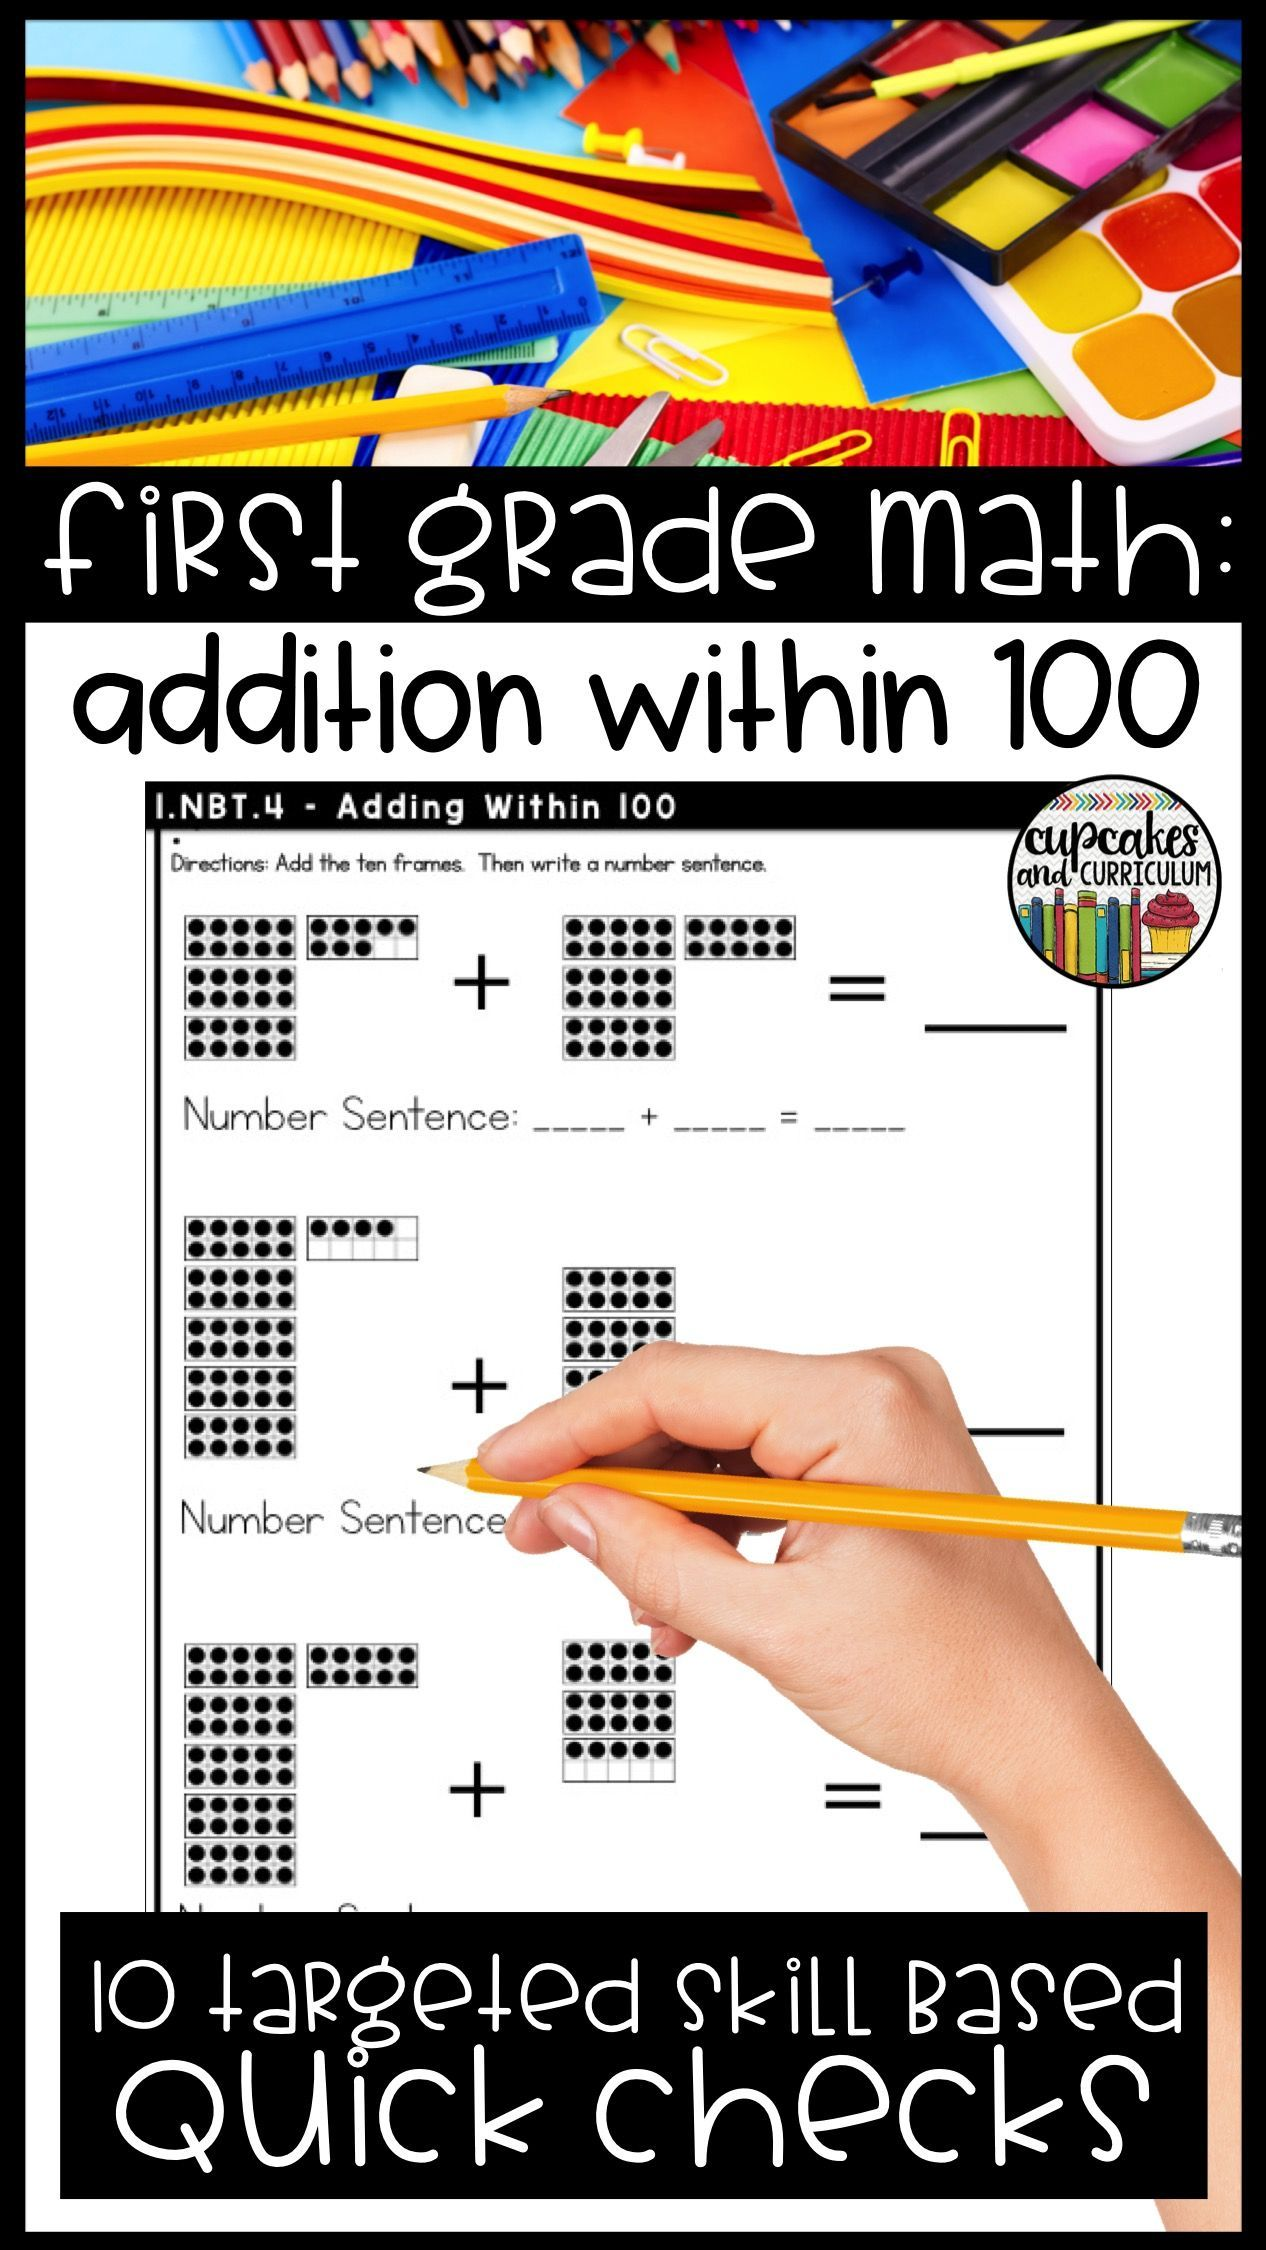 Adding Within 100 First Grade Math 1 Nbt 4 First Grade Math Math Skills Practice Math